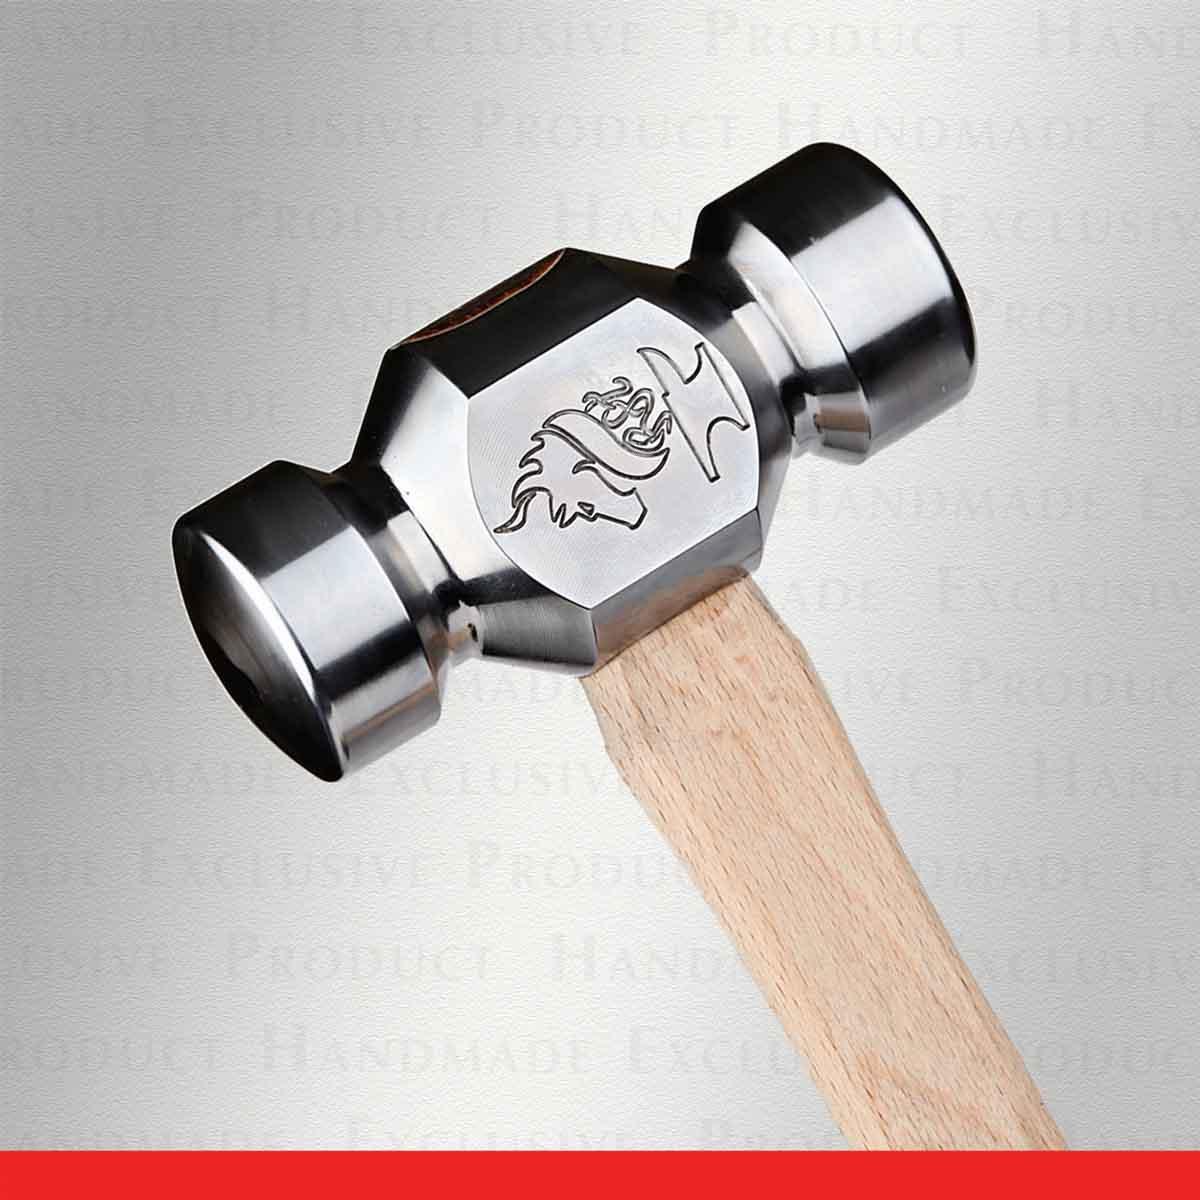 Andreas Ridolfo Turning Hammers